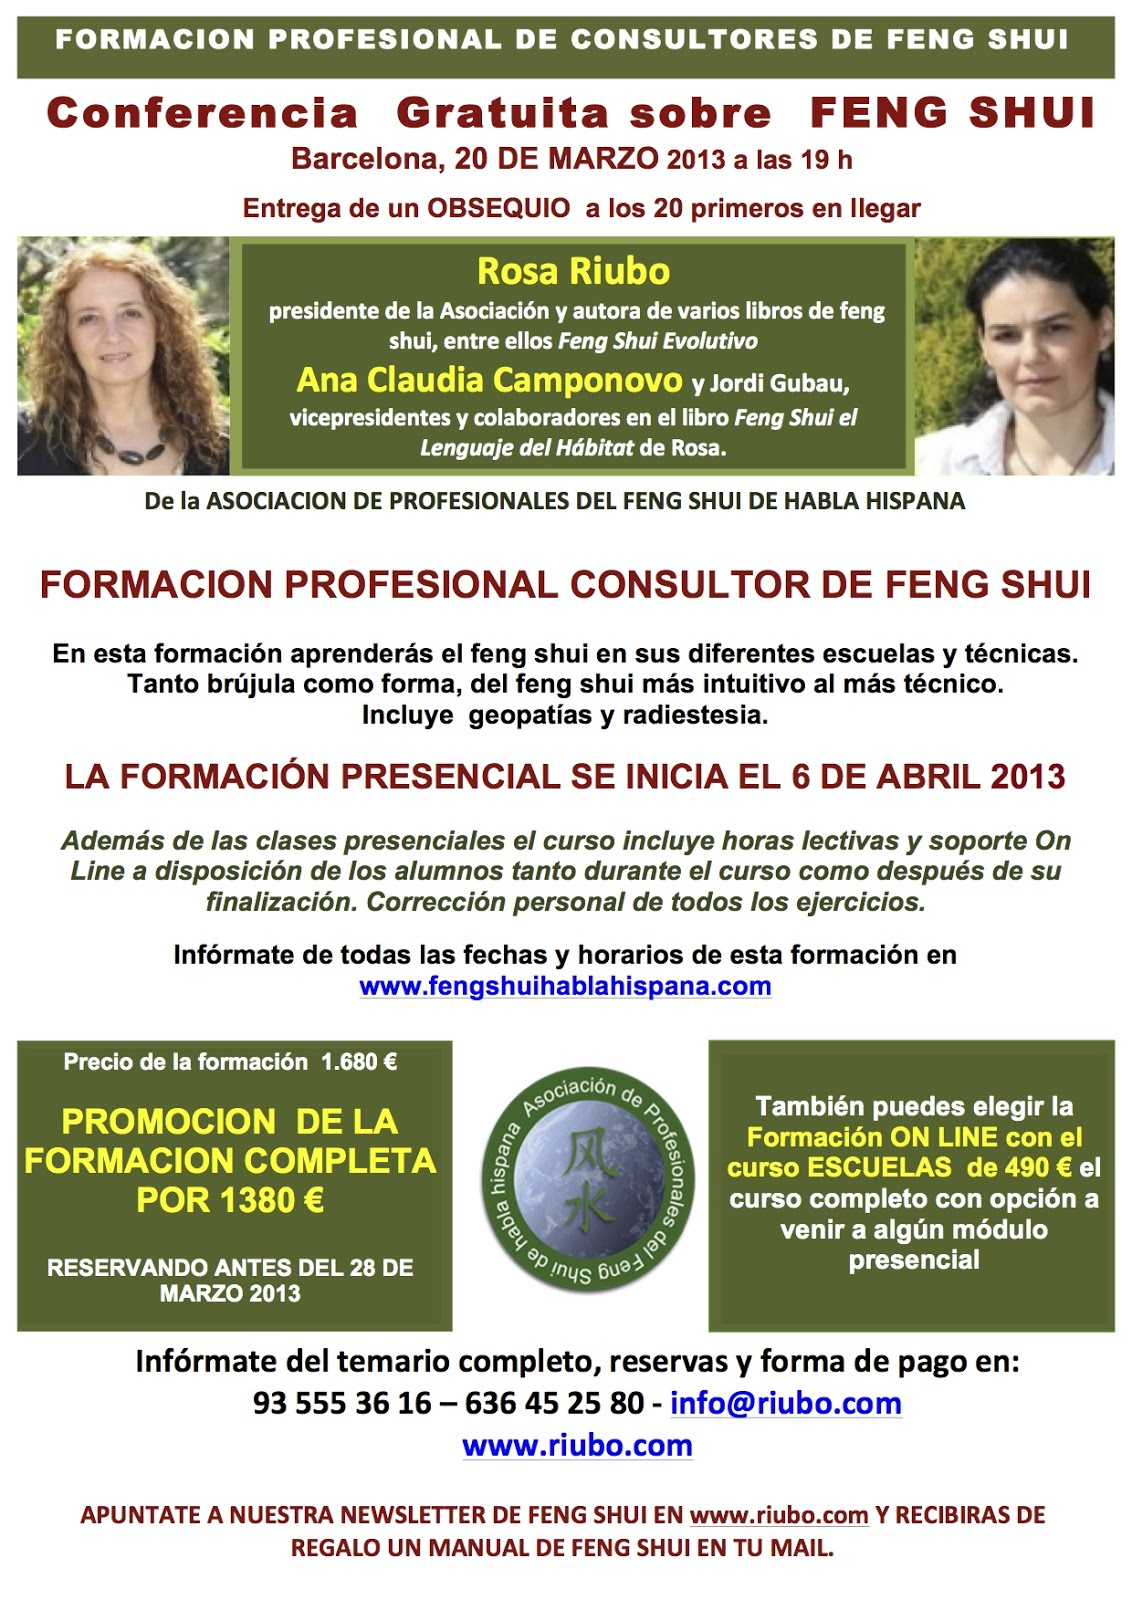 Asociaci N De Profesionales Del Feng Shui De Habla Hispana